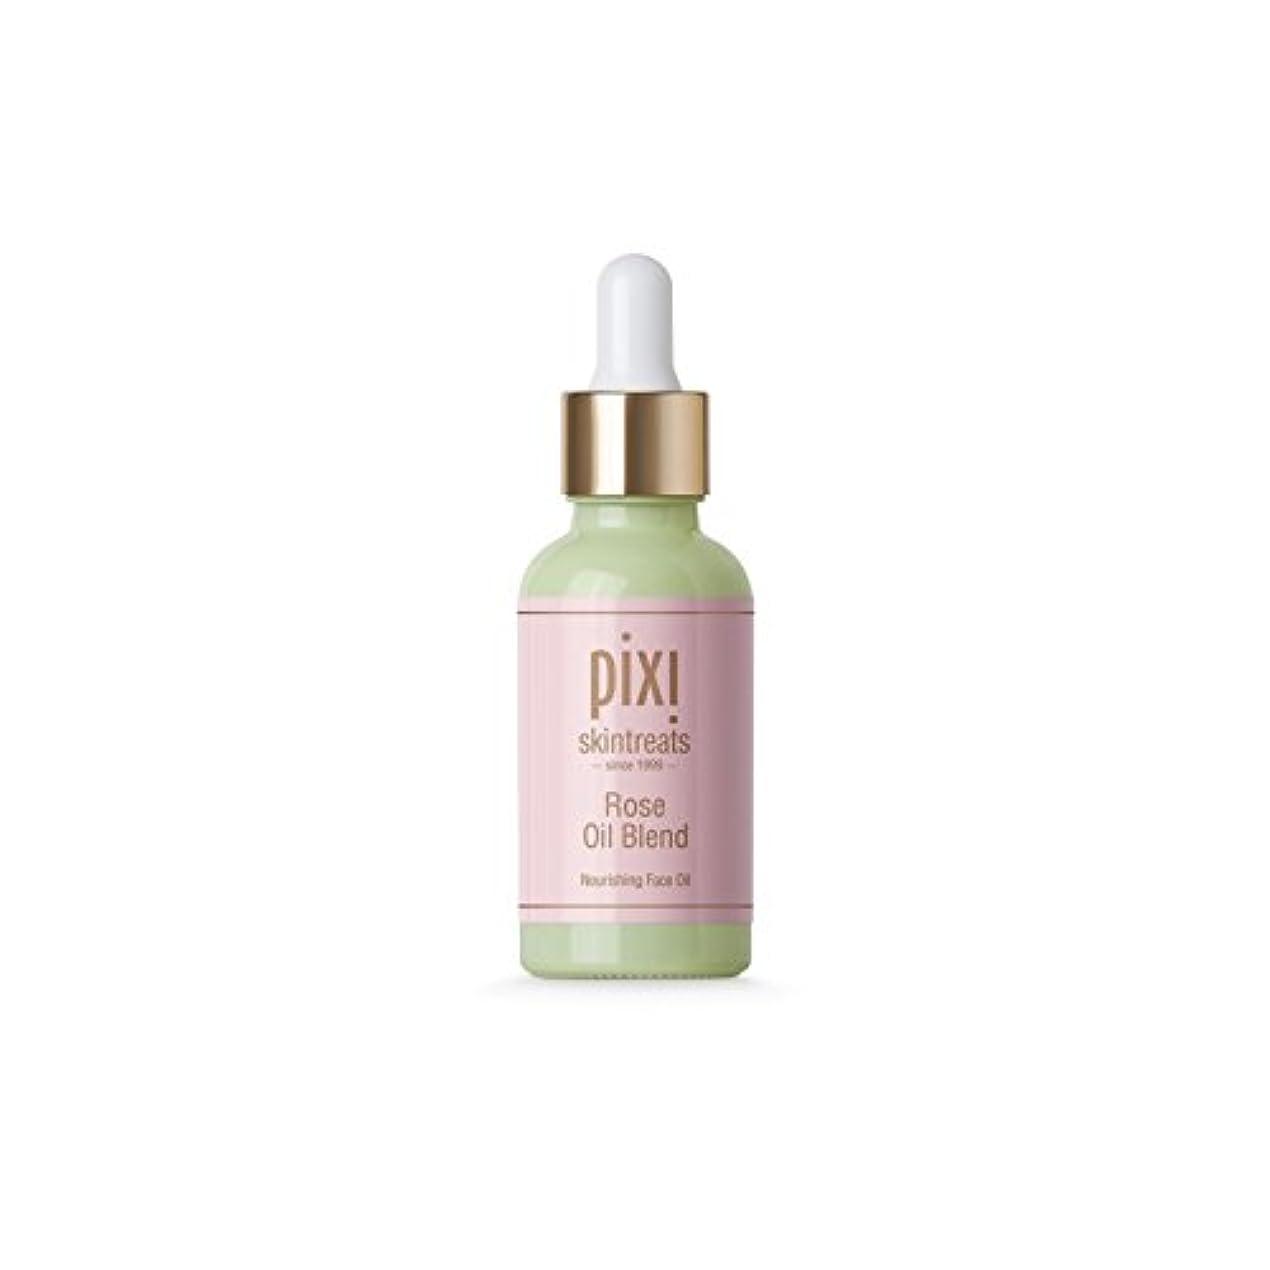 パイル抽象高くPixi Rose Oil Blend - は、油ブレンドをバラ [並行輸入品]